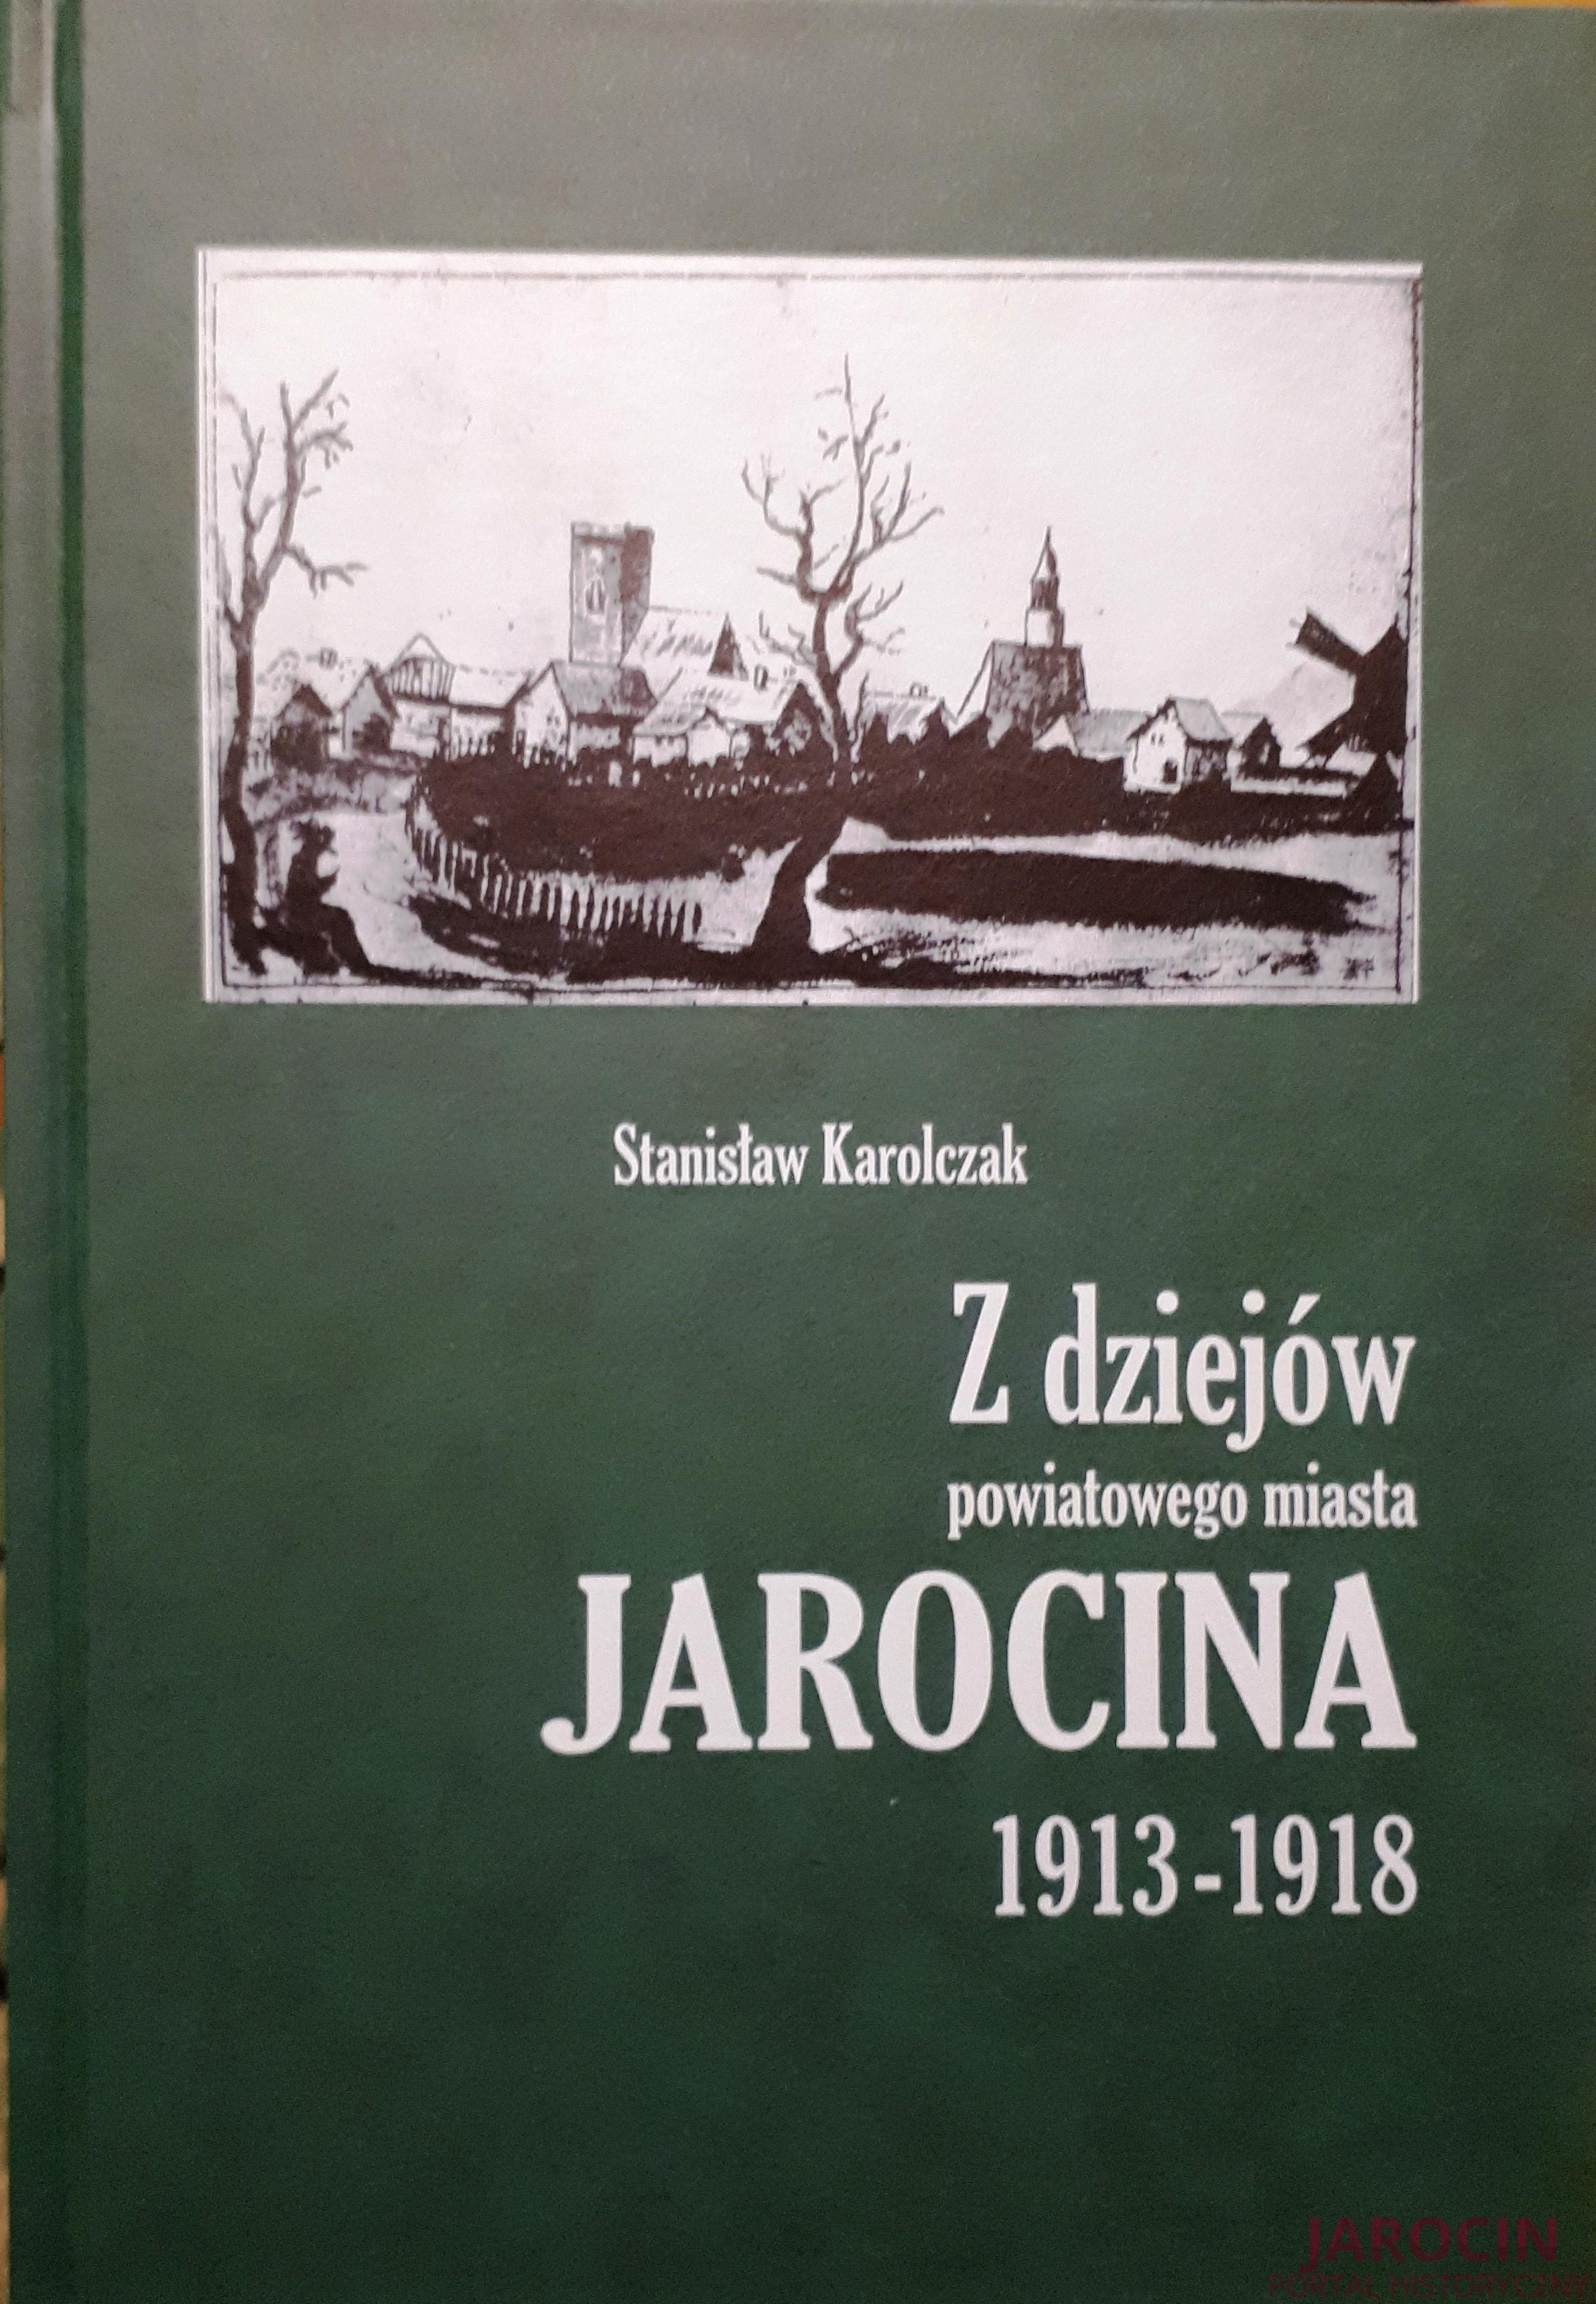 S. Karolczak, Z dziejów powiatowego miasta Jarocina. Poznań 1935 r.